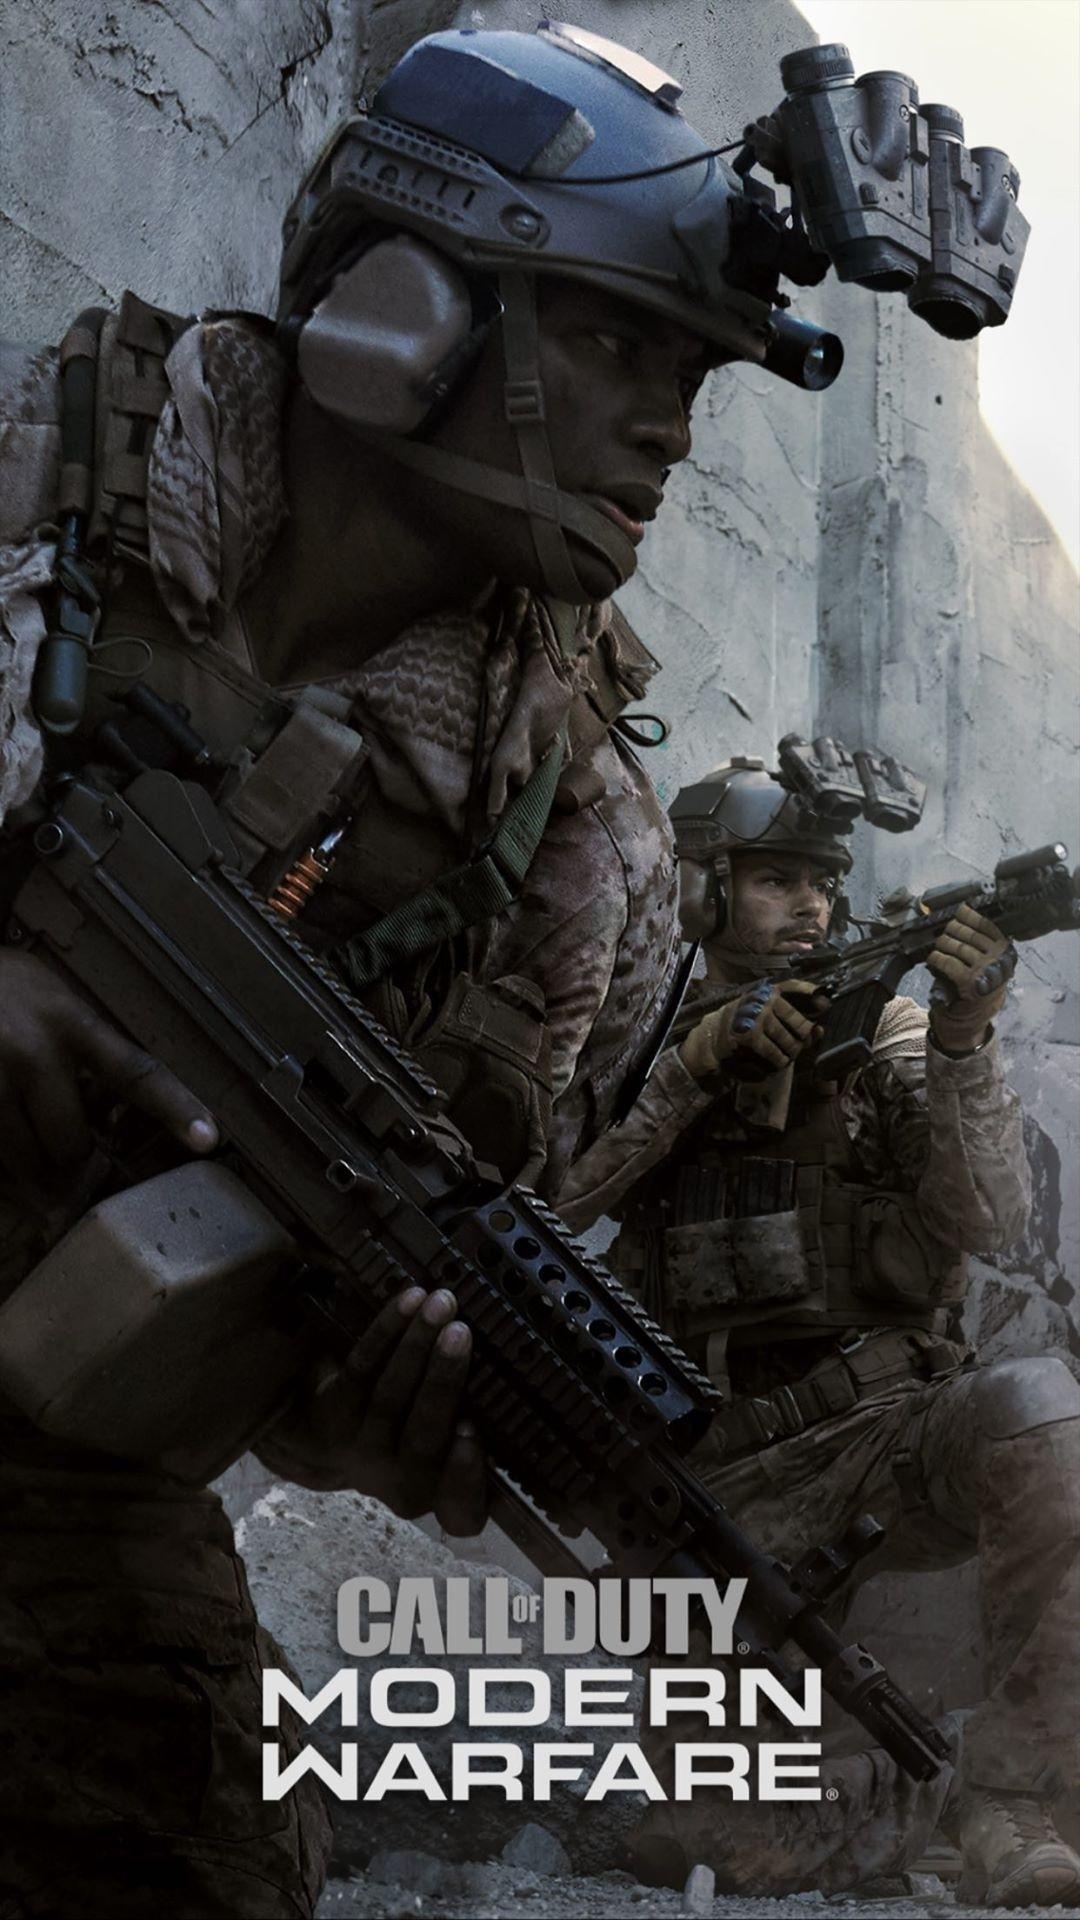 Askeri, Call Of Duty panosunda Canberk Özaydın tarafından